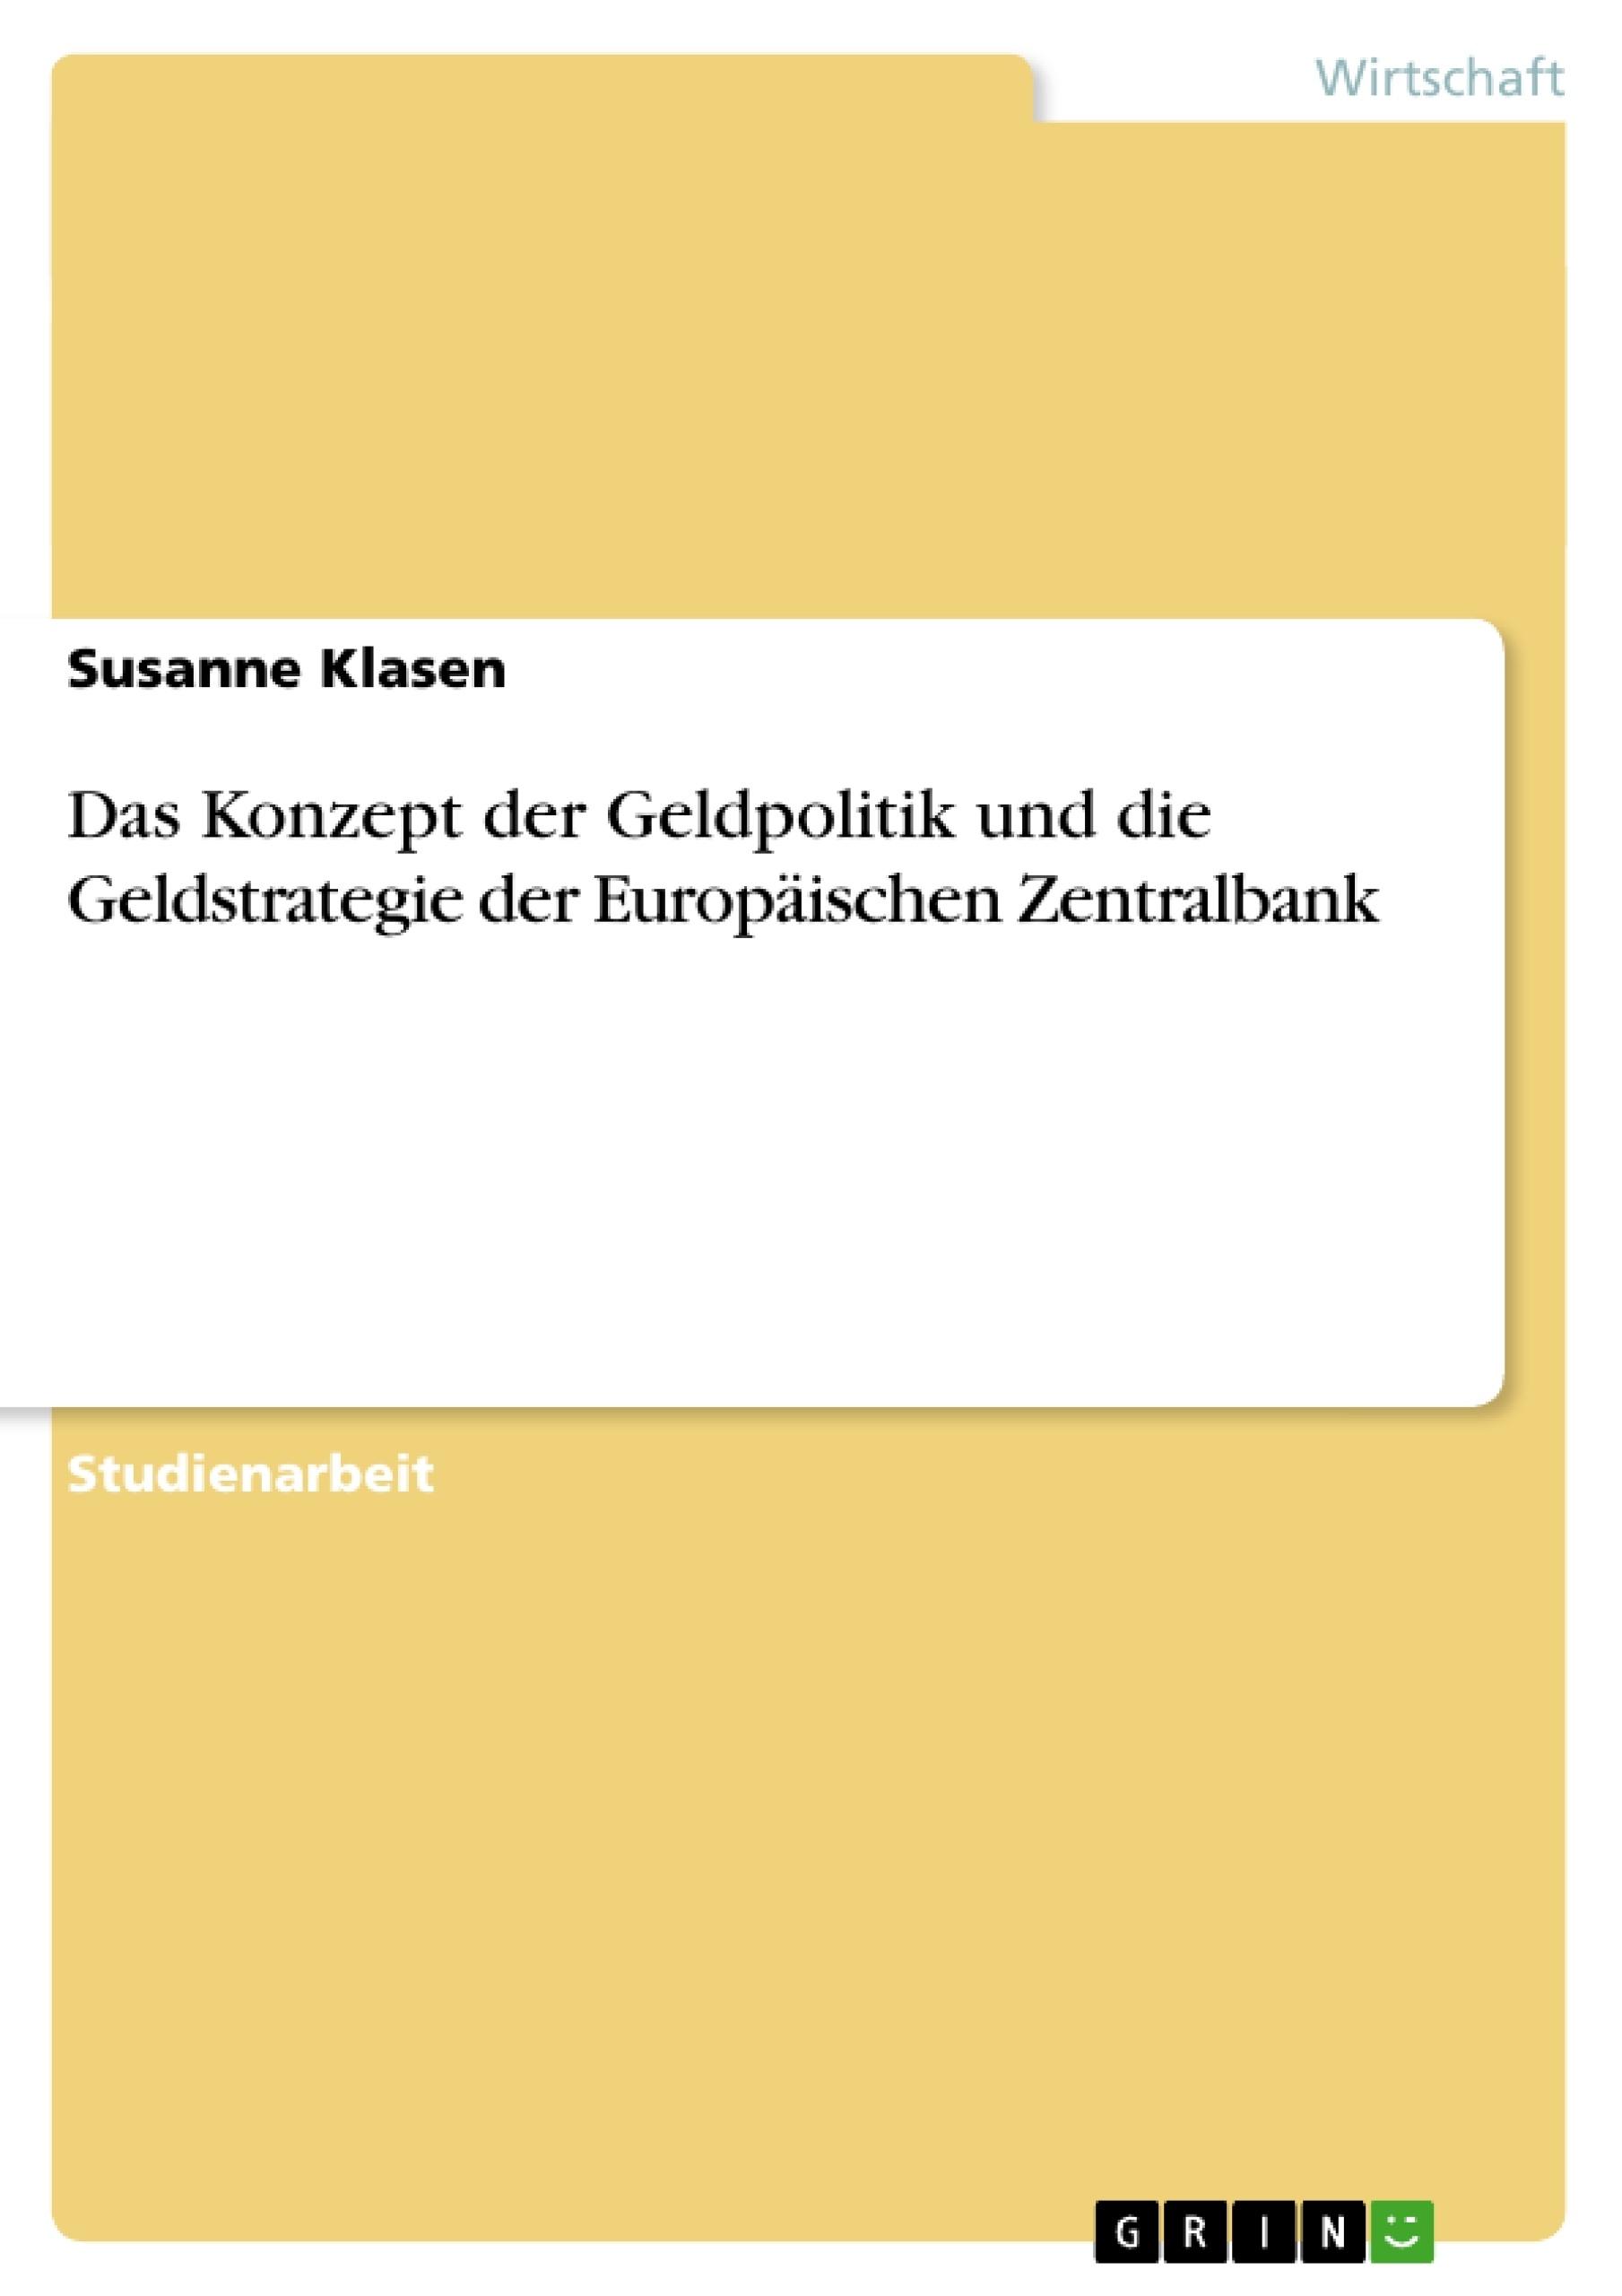 Titel: Das Konzept der Geldpolitik und die Geldstrategie der Europäischen Zentralbank